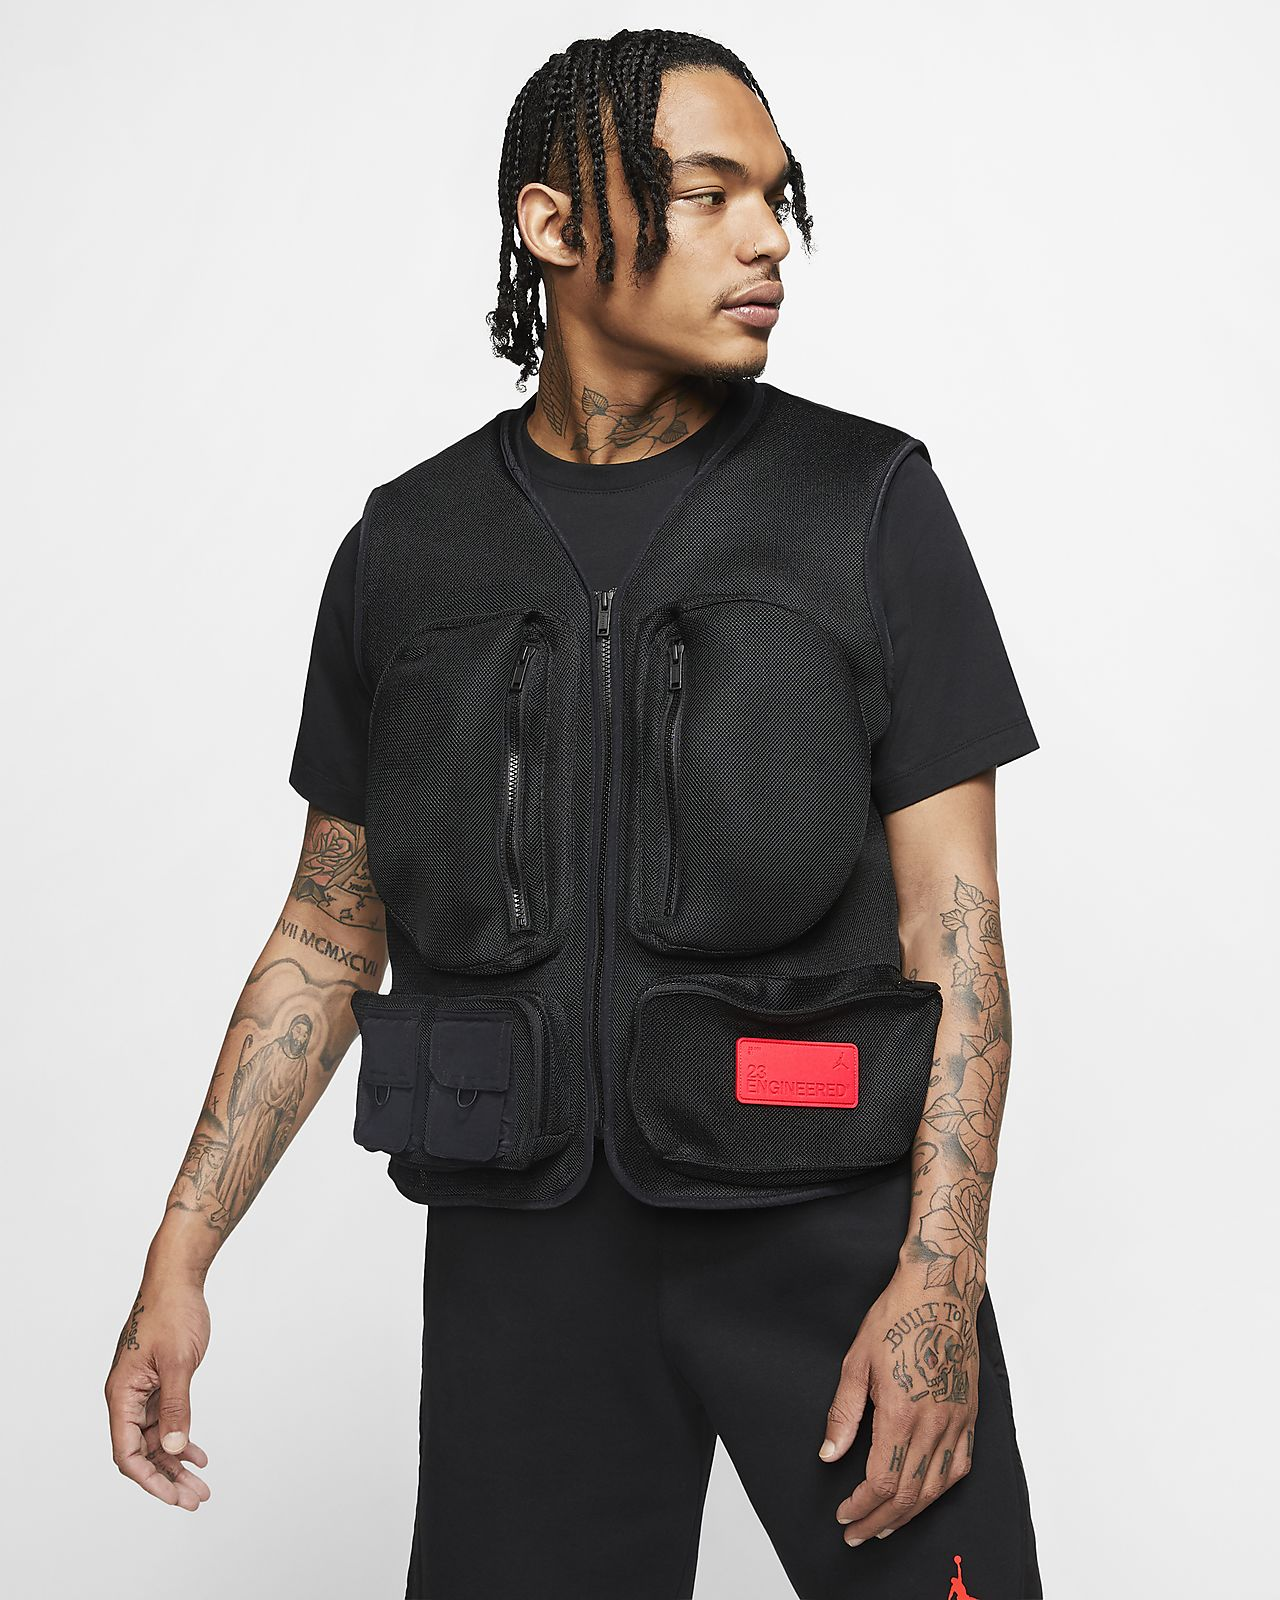 Jordan 23 Engineered Men's Spacer Mesh Vest